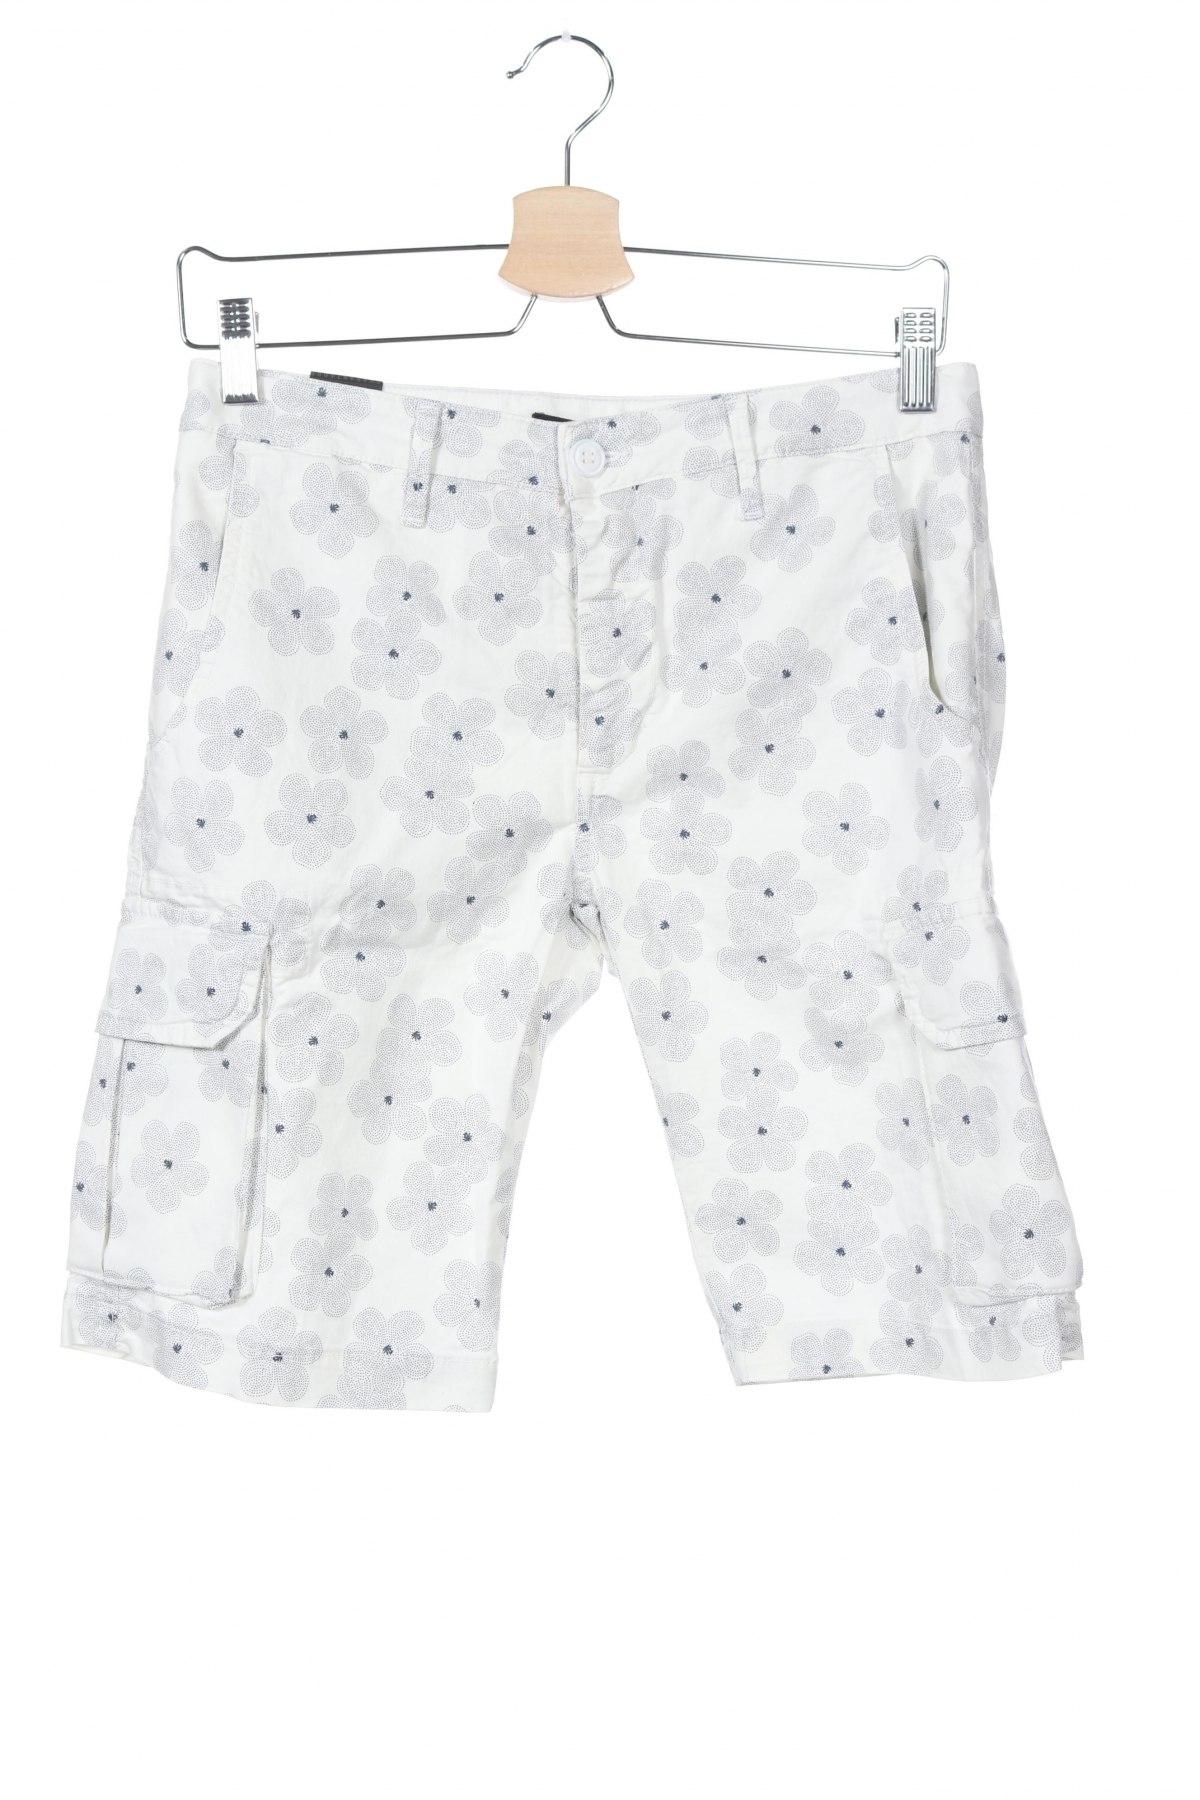 Мъжки къс панталон Liu Jo, Размер S, Цвят Бял, 98% памук, 2% еластан, Цена 74,25лв.